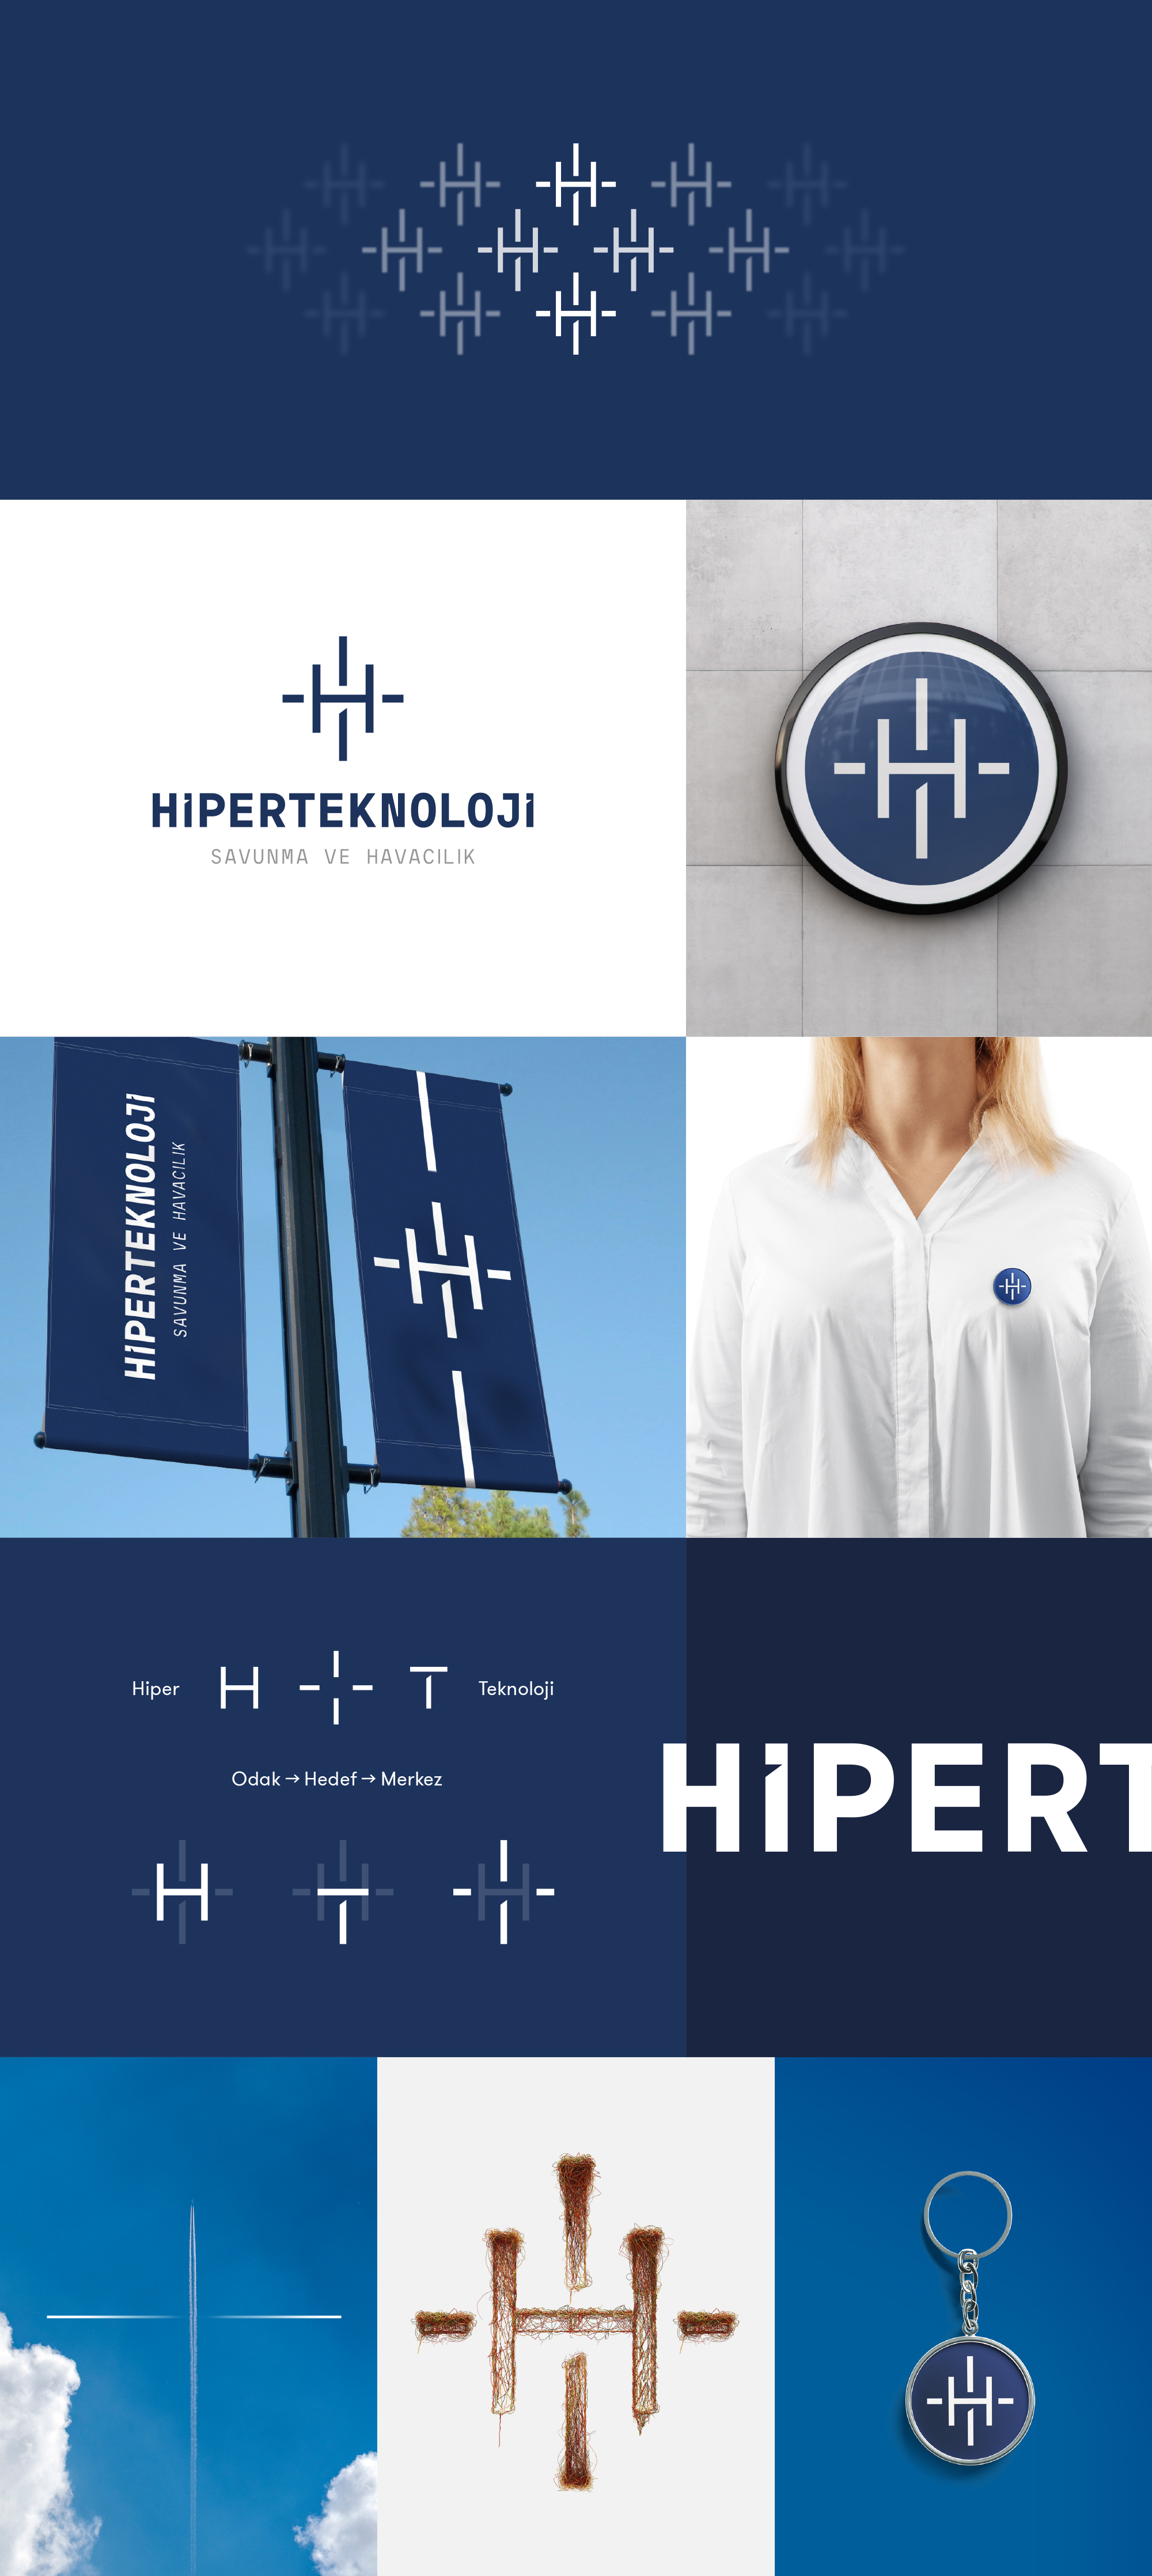 Ankara kurumsal kimlik tasarımı  Hiperteknoloji